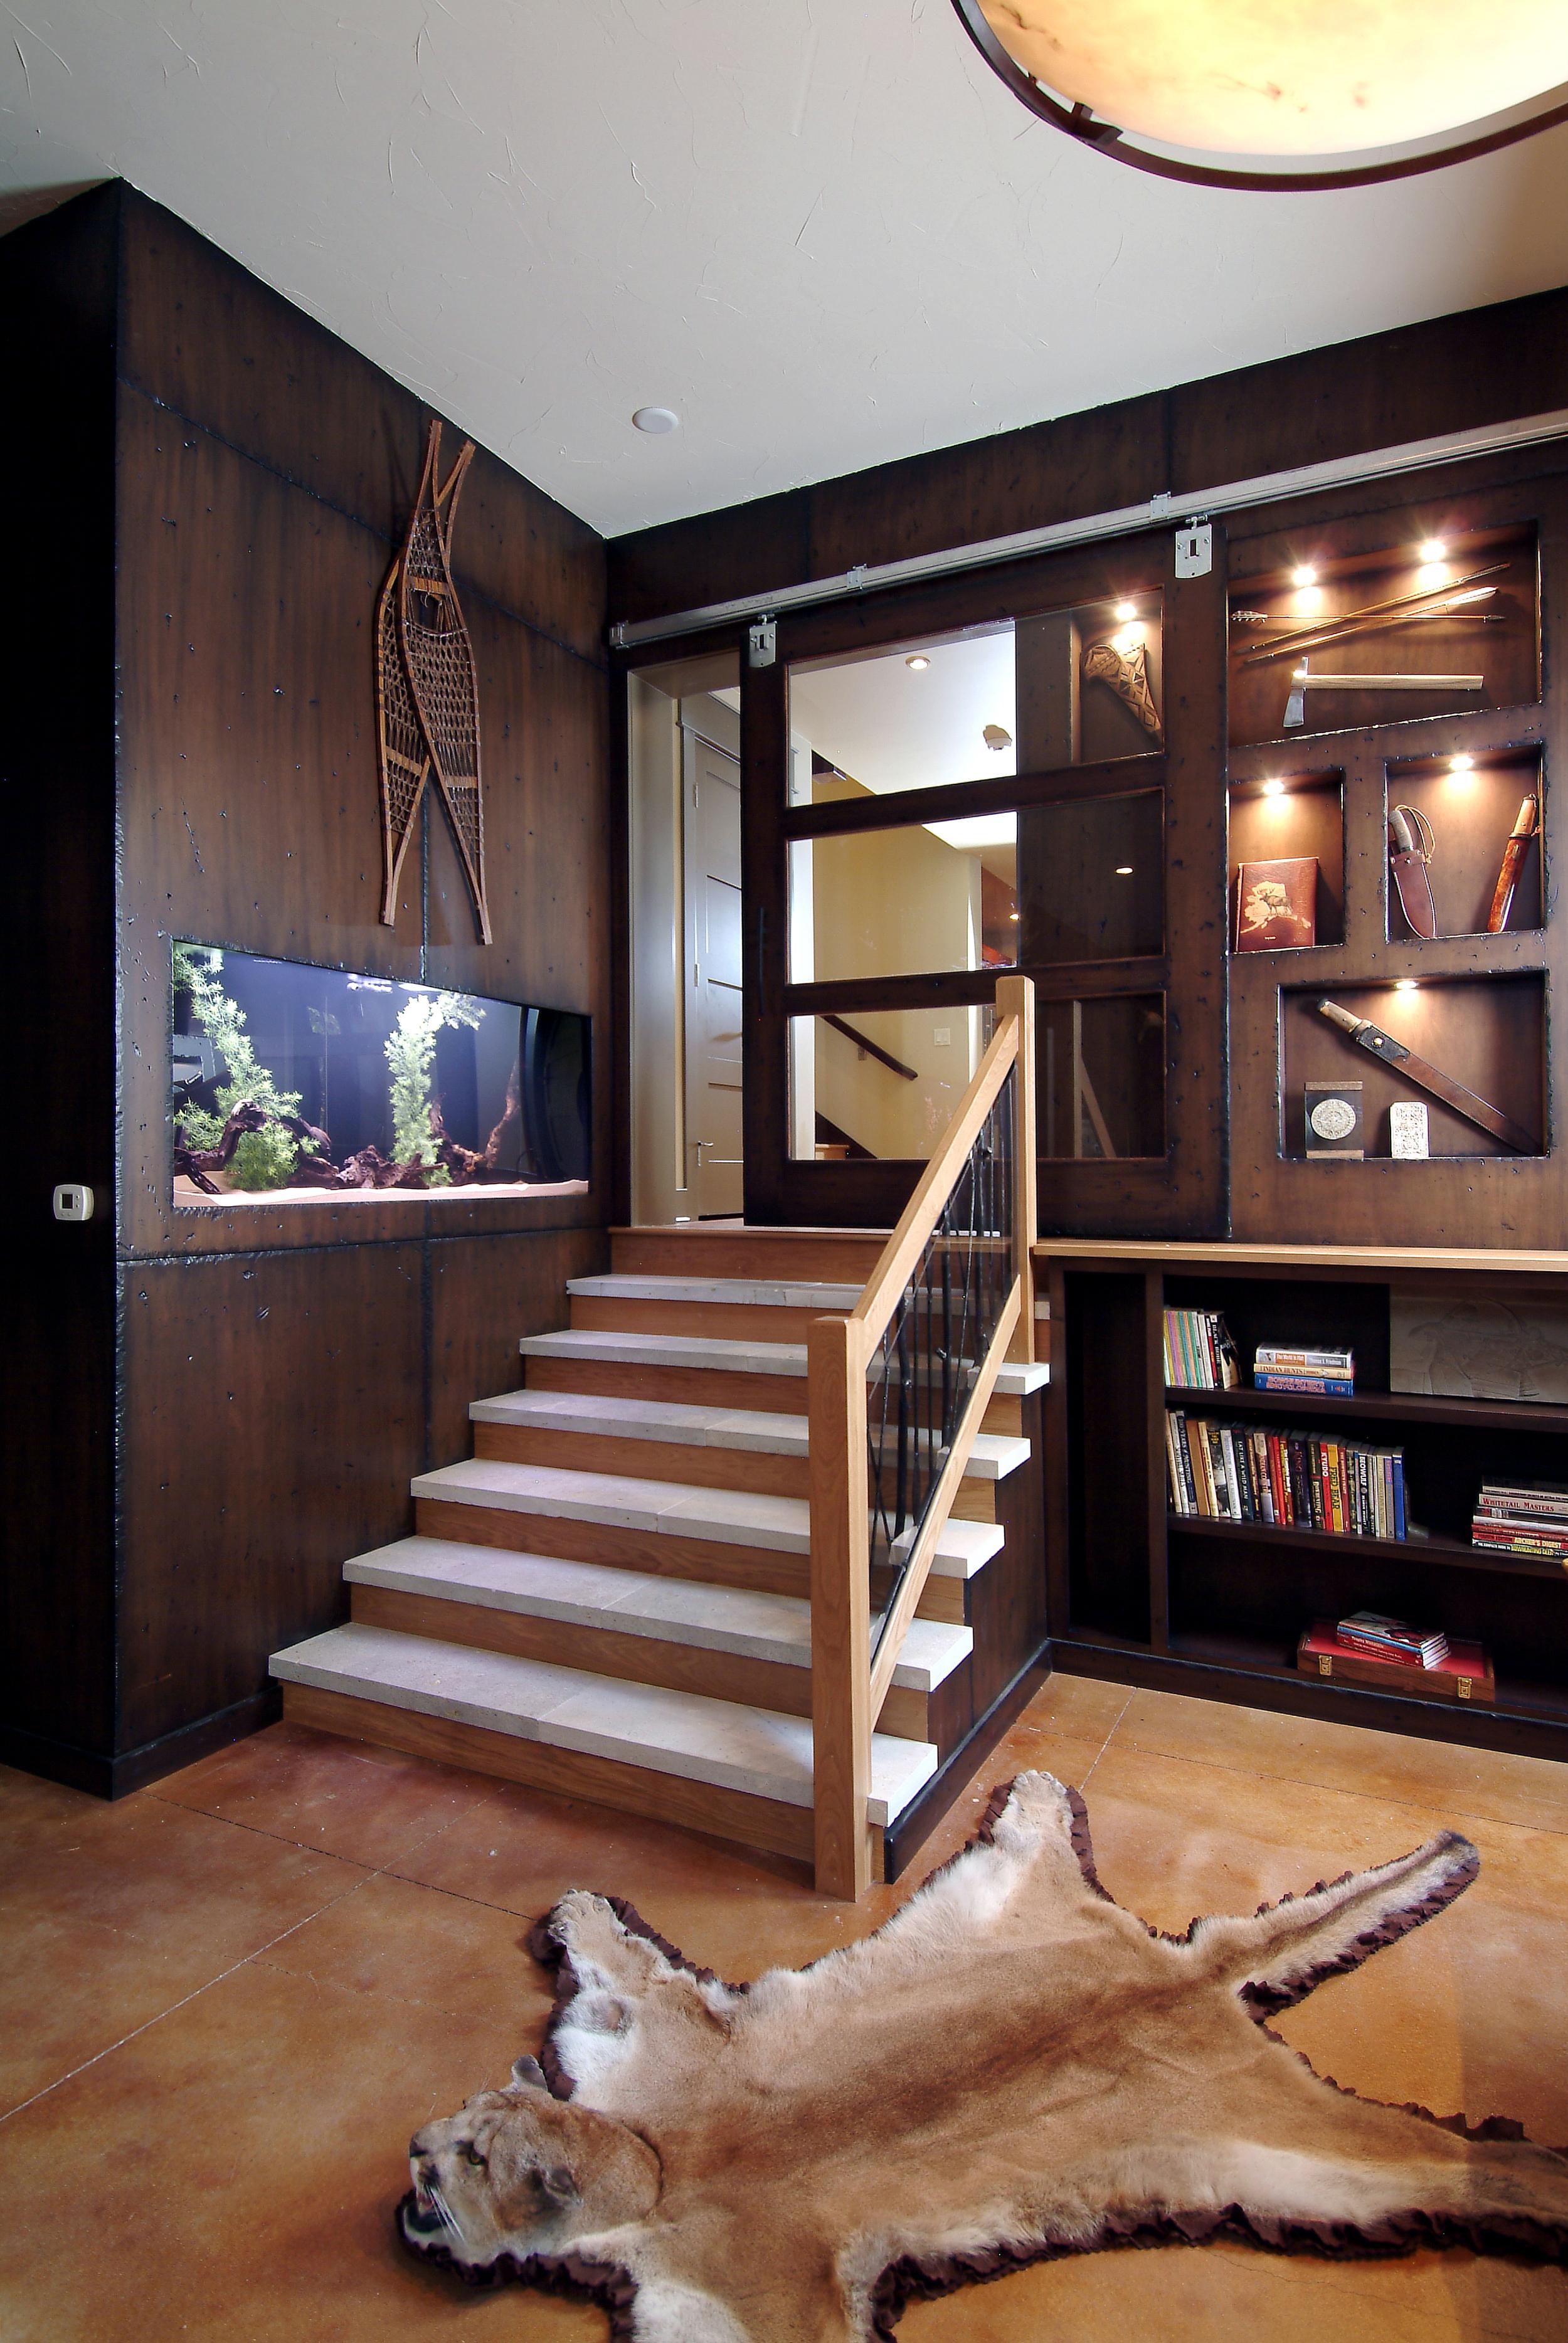 Wild game rm w:stairs:rail - 212.jpg